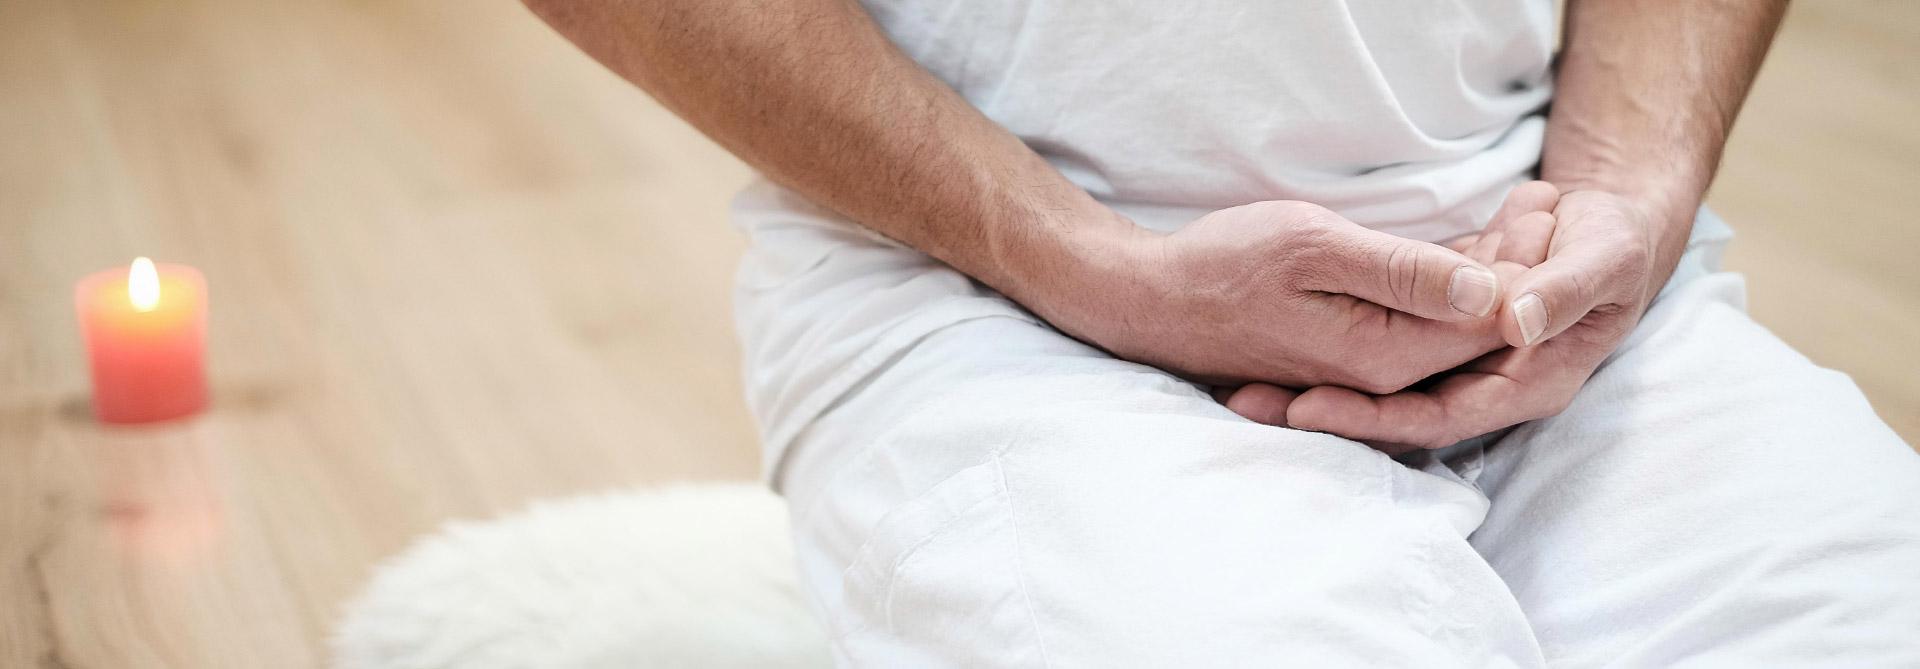 mantras méditation bordeaux